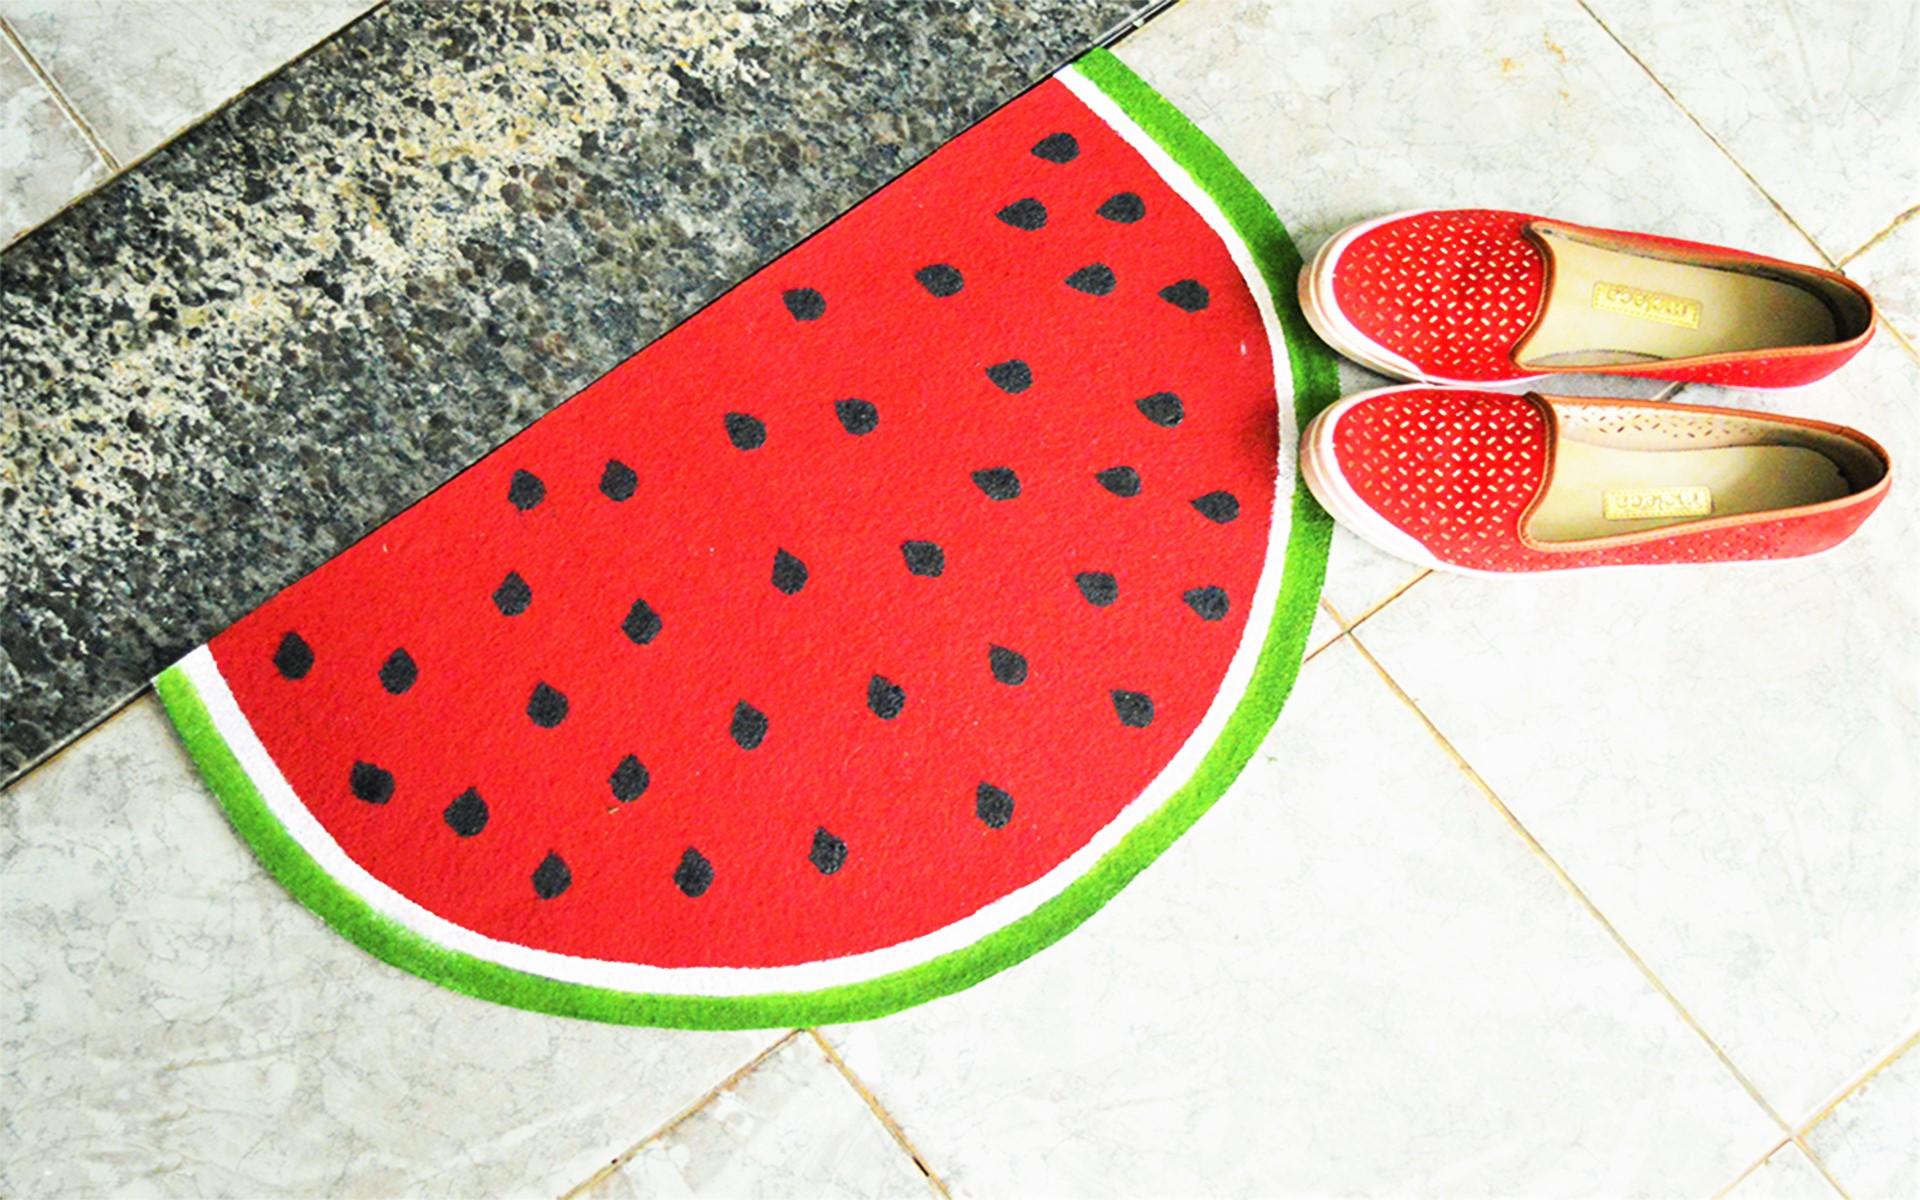 Tapetinho de melancia